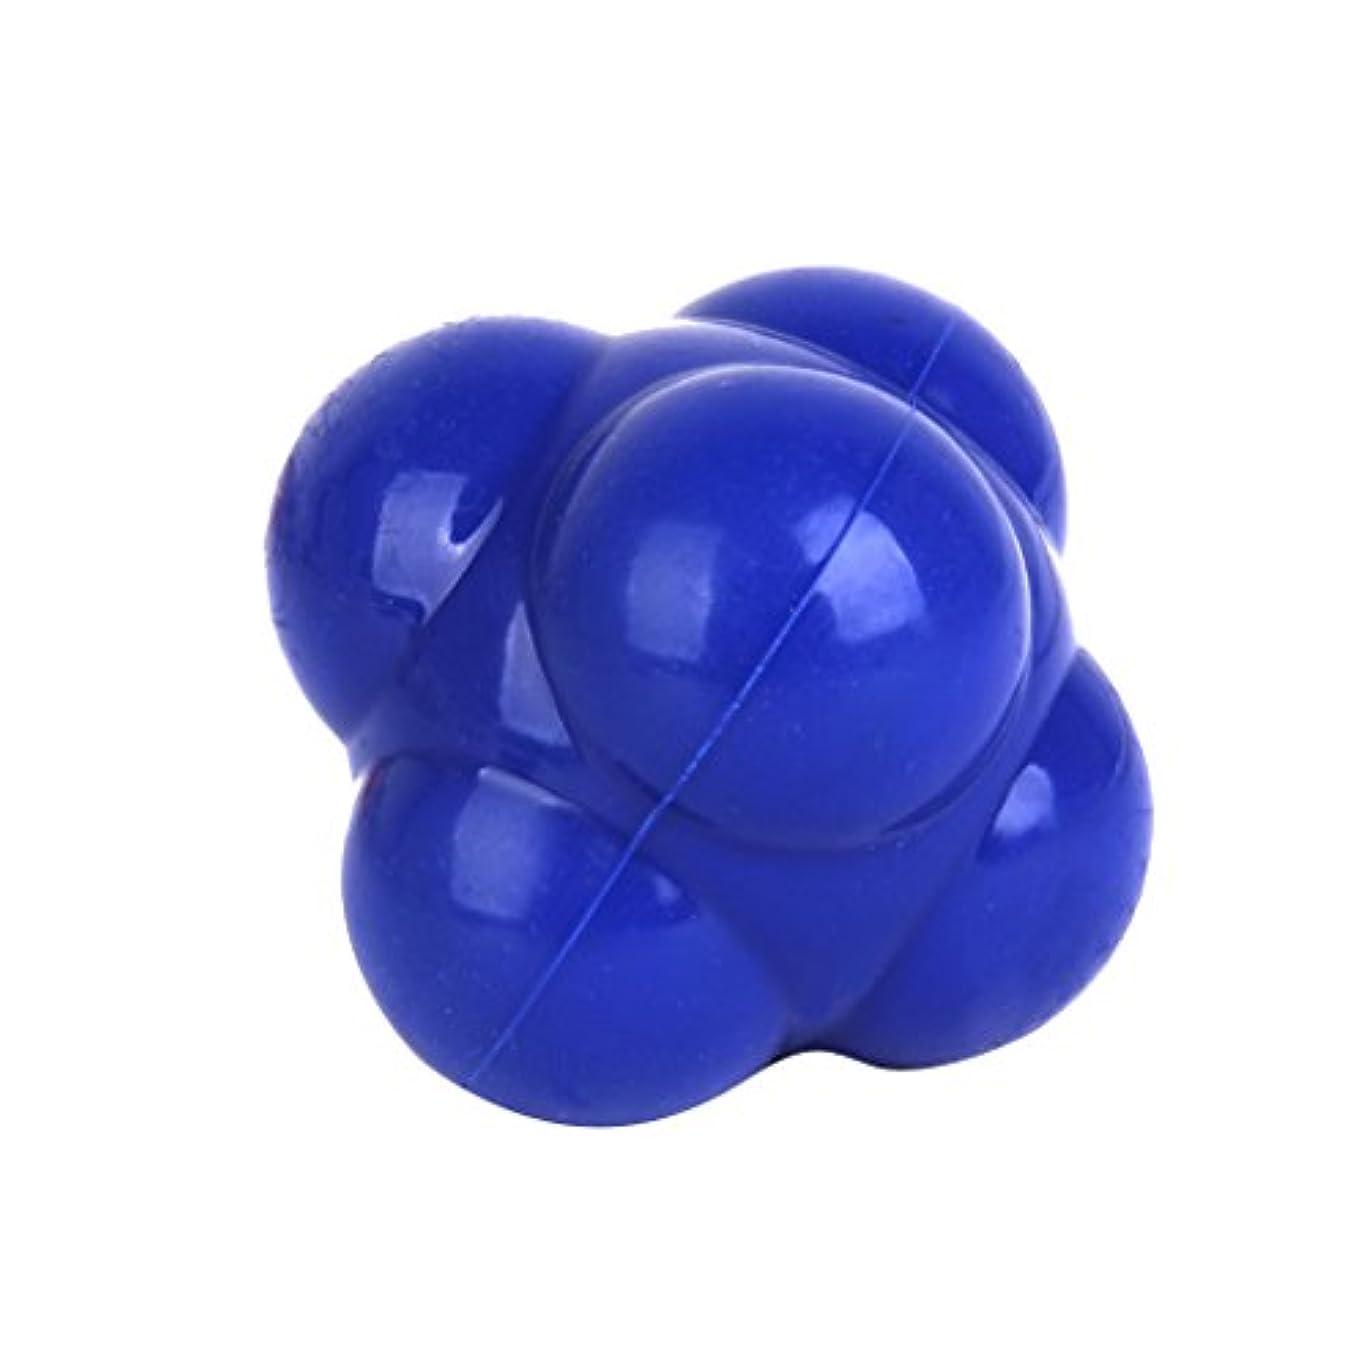 引退するやさしい極小【ノーブランド品】六角反応ボール 六角マッサージボール 反射運動トレーニング 青